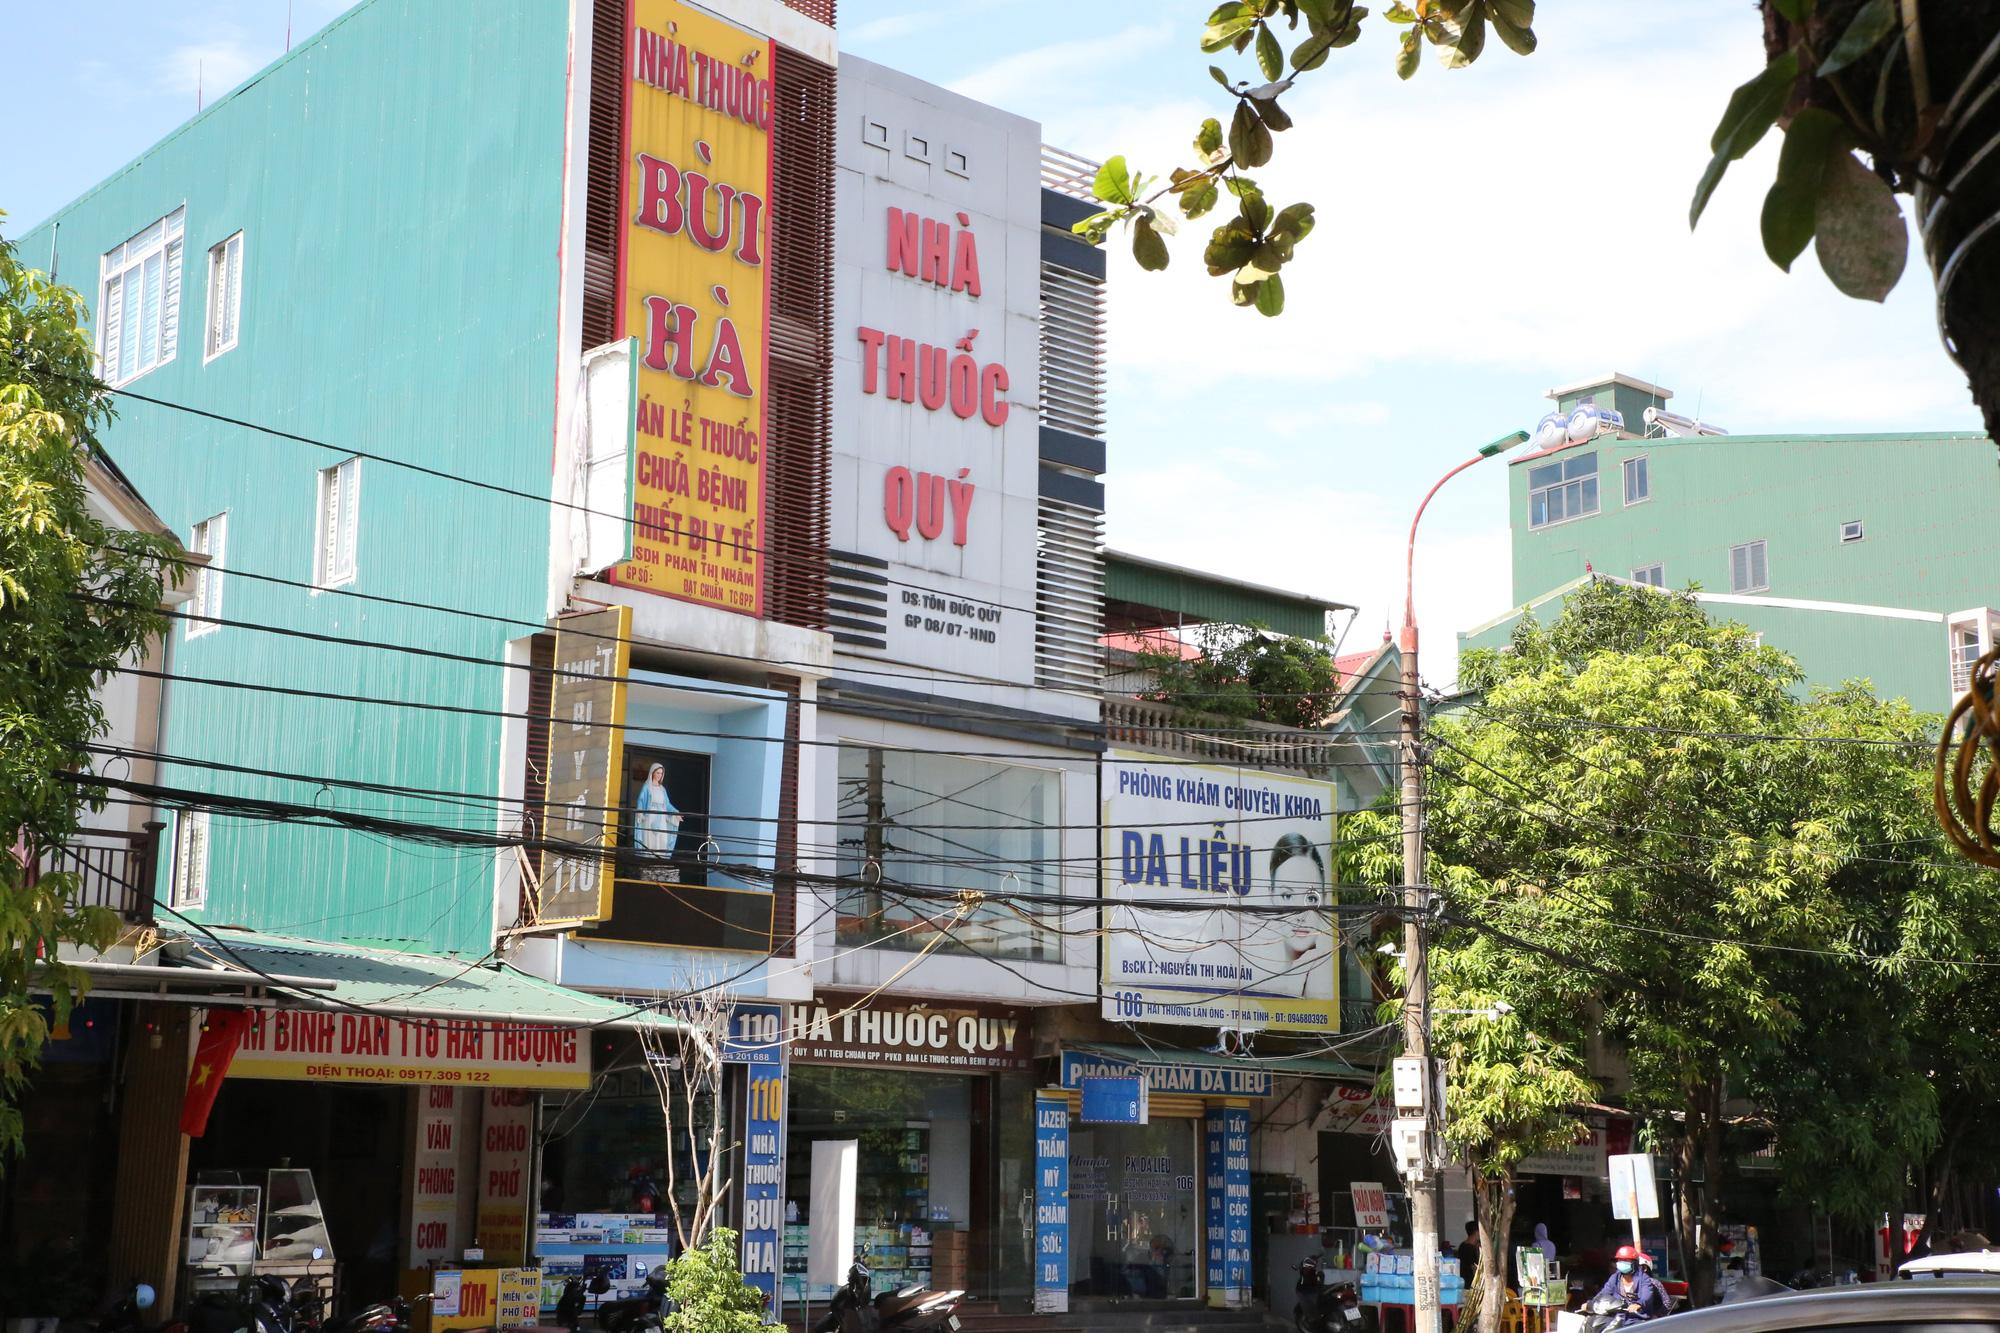 Phạt 10 cơ sở kinh doanh, bán lẻ thuốc chữa bệnh không tuân thủ các biện pháp phòng, chống dịch - Ảnh 3.